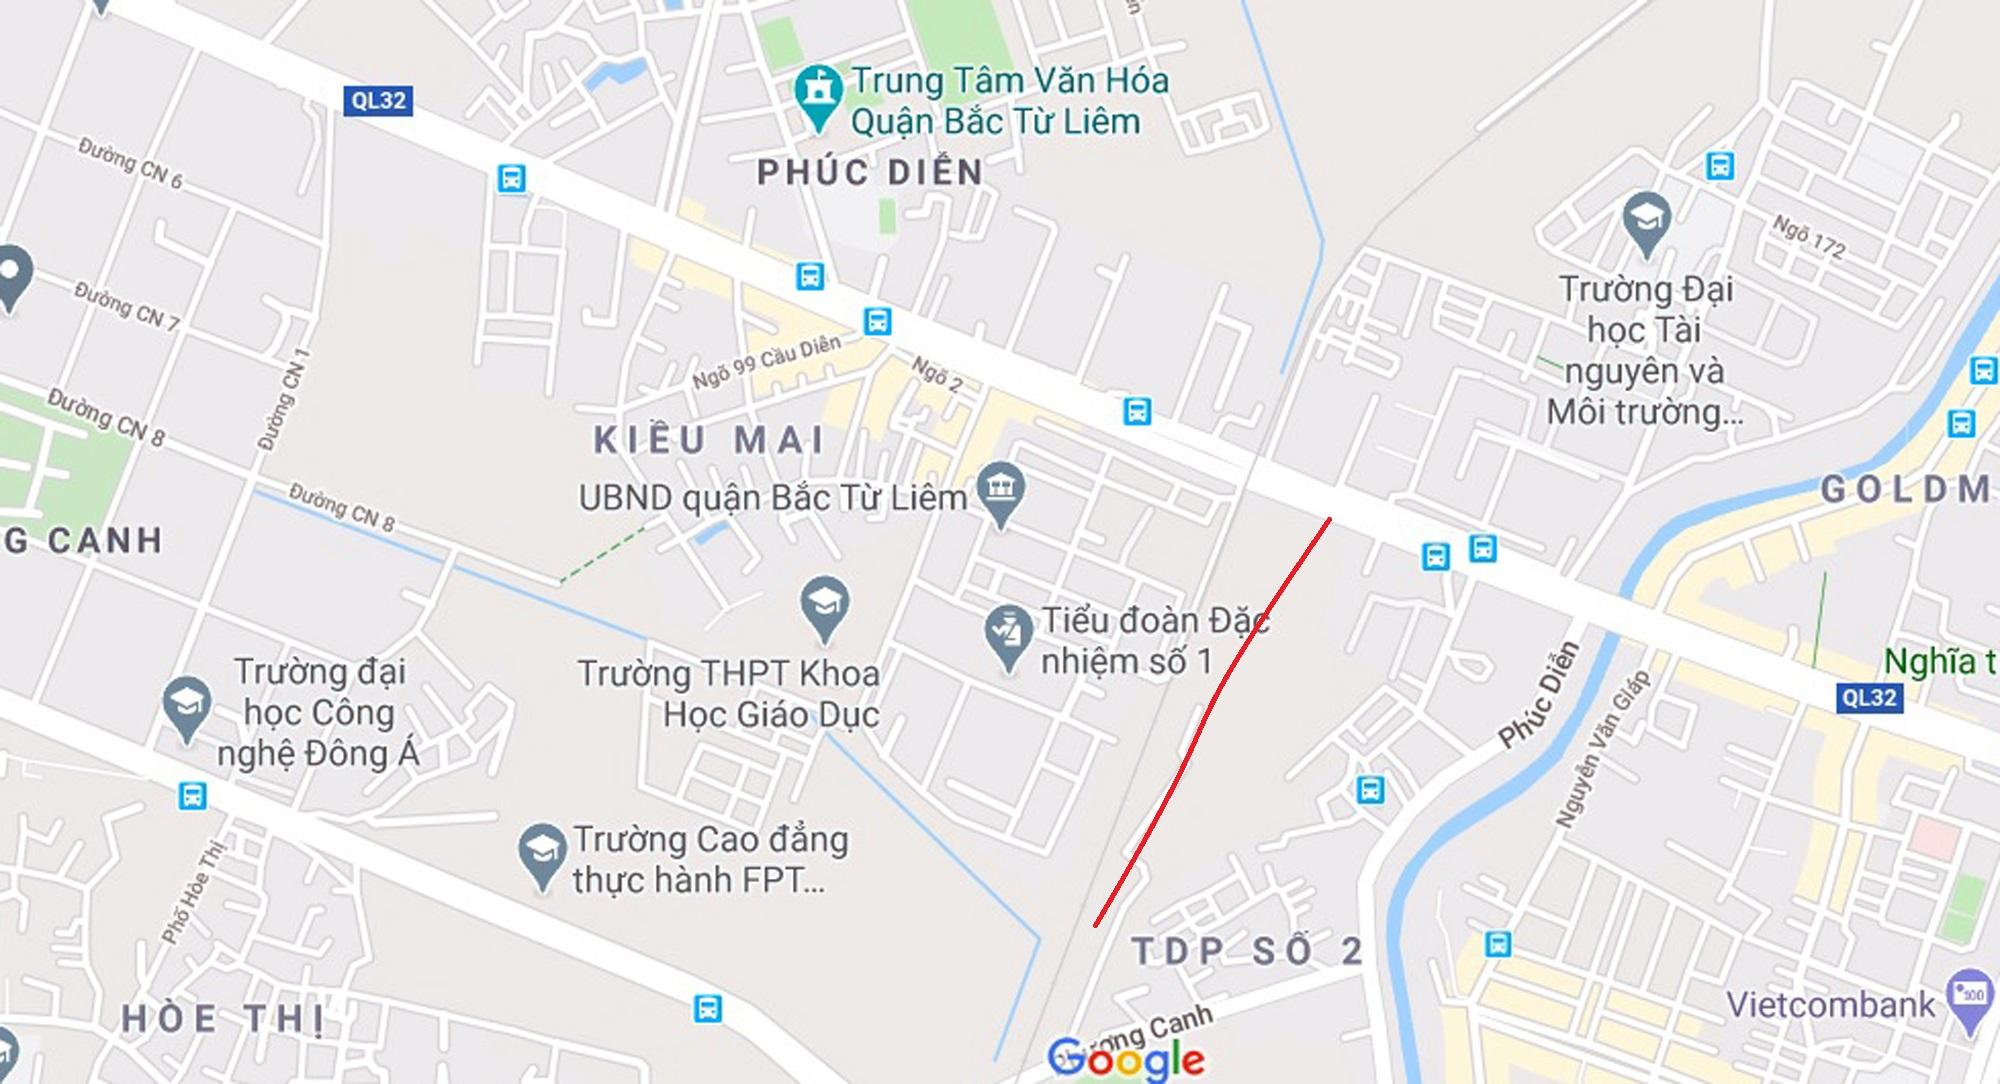 4 đường sẽ mở theo qui hoạch ở phường Phúc Diễn, Bắc Từ Liêm - Ảnh 9.